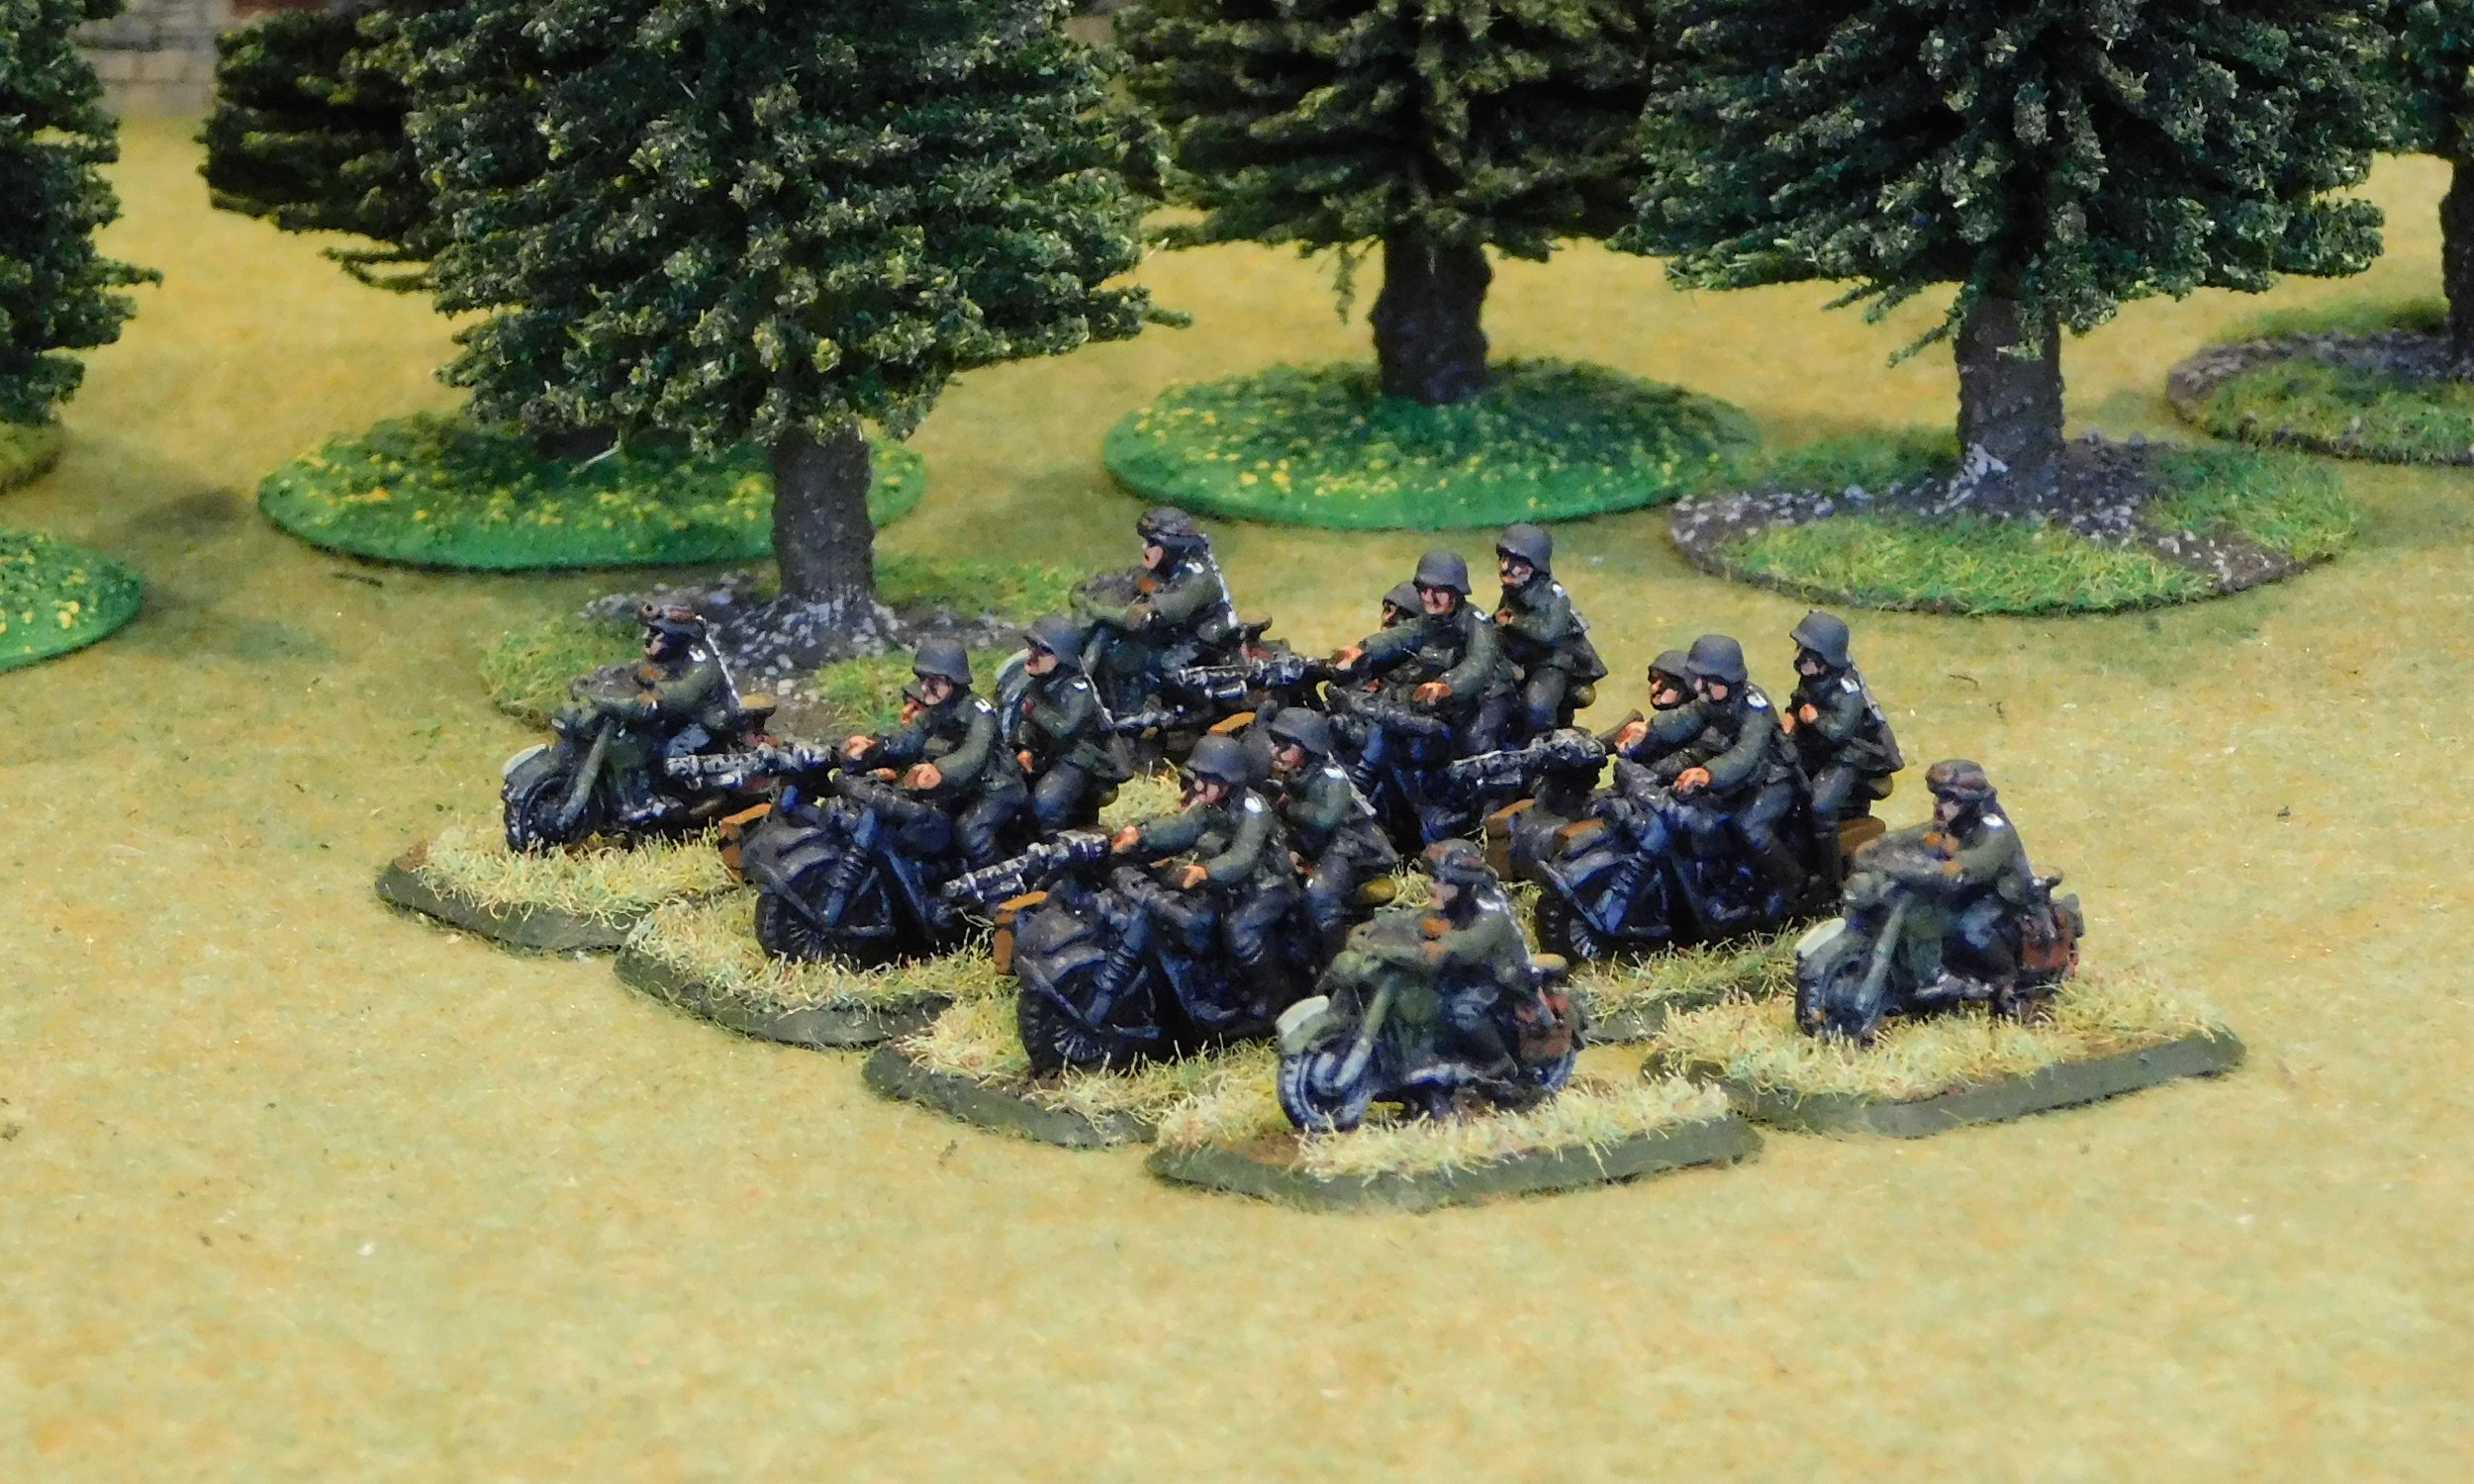 Kradschutzen Platoon